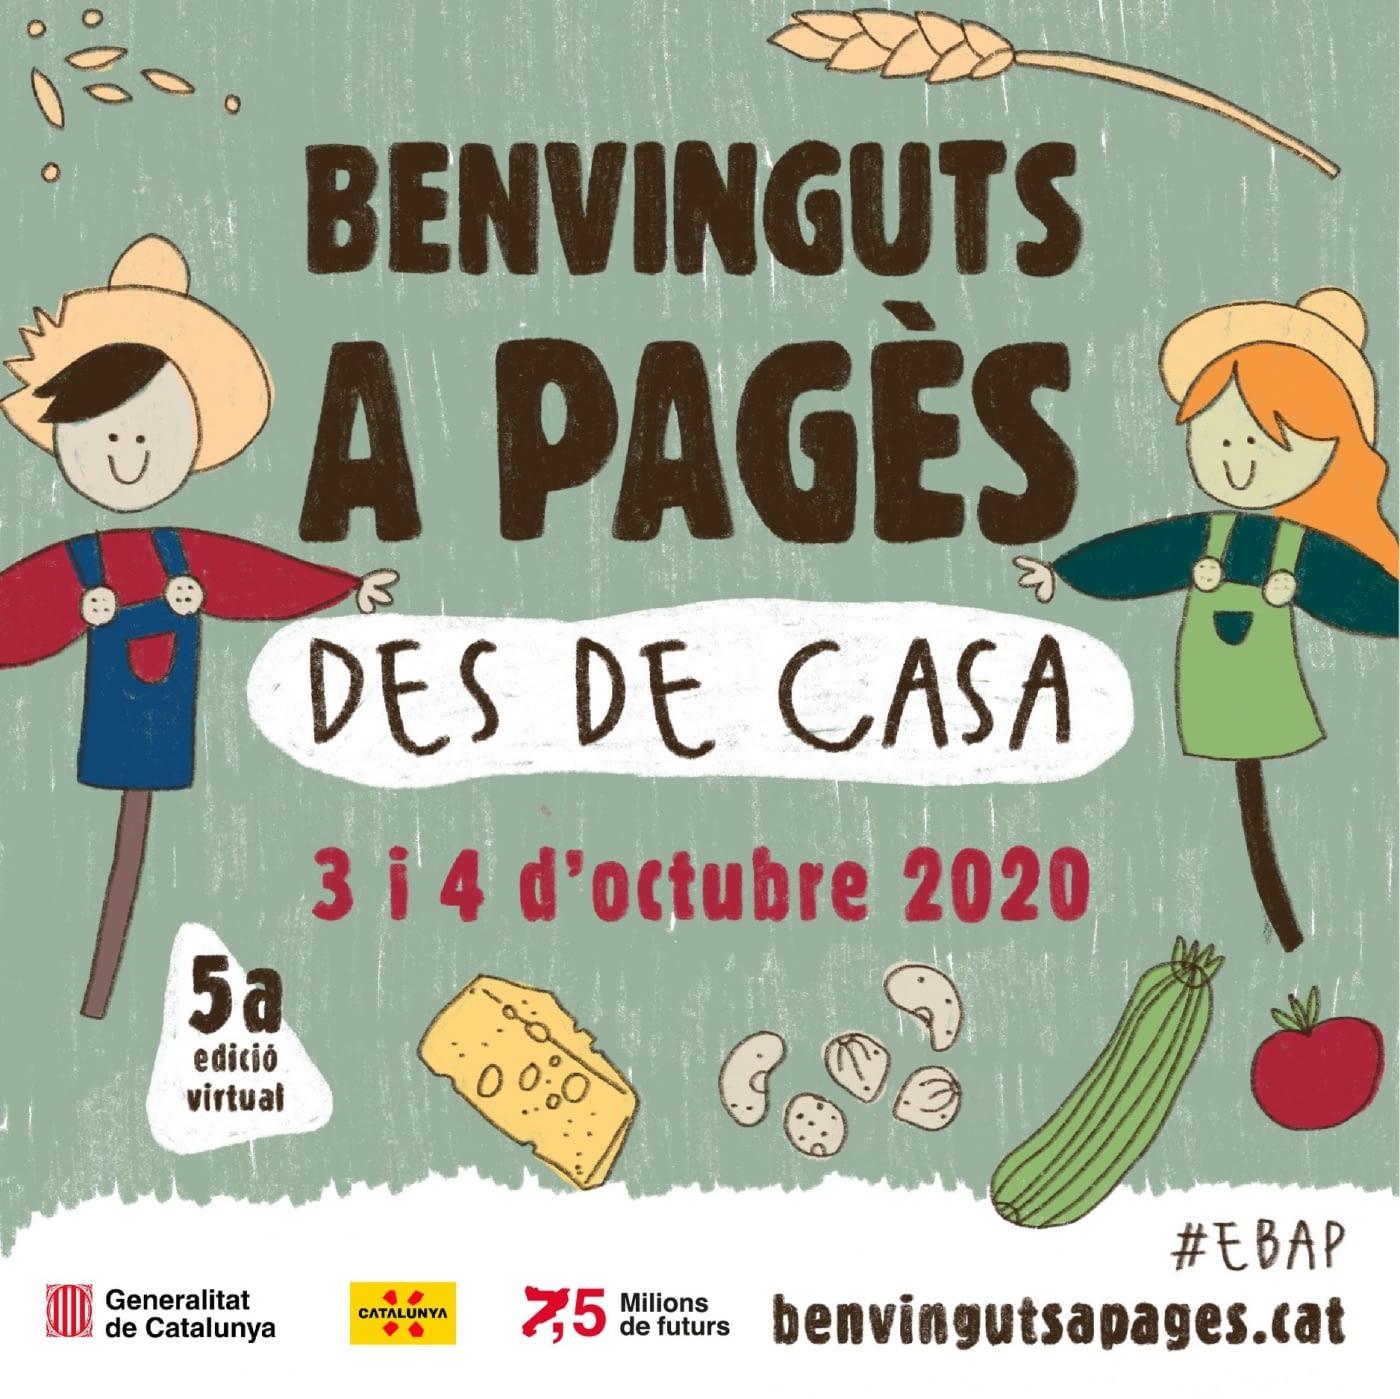 3 i 4 d'octubre, Benvinguts a Pagès des de casa